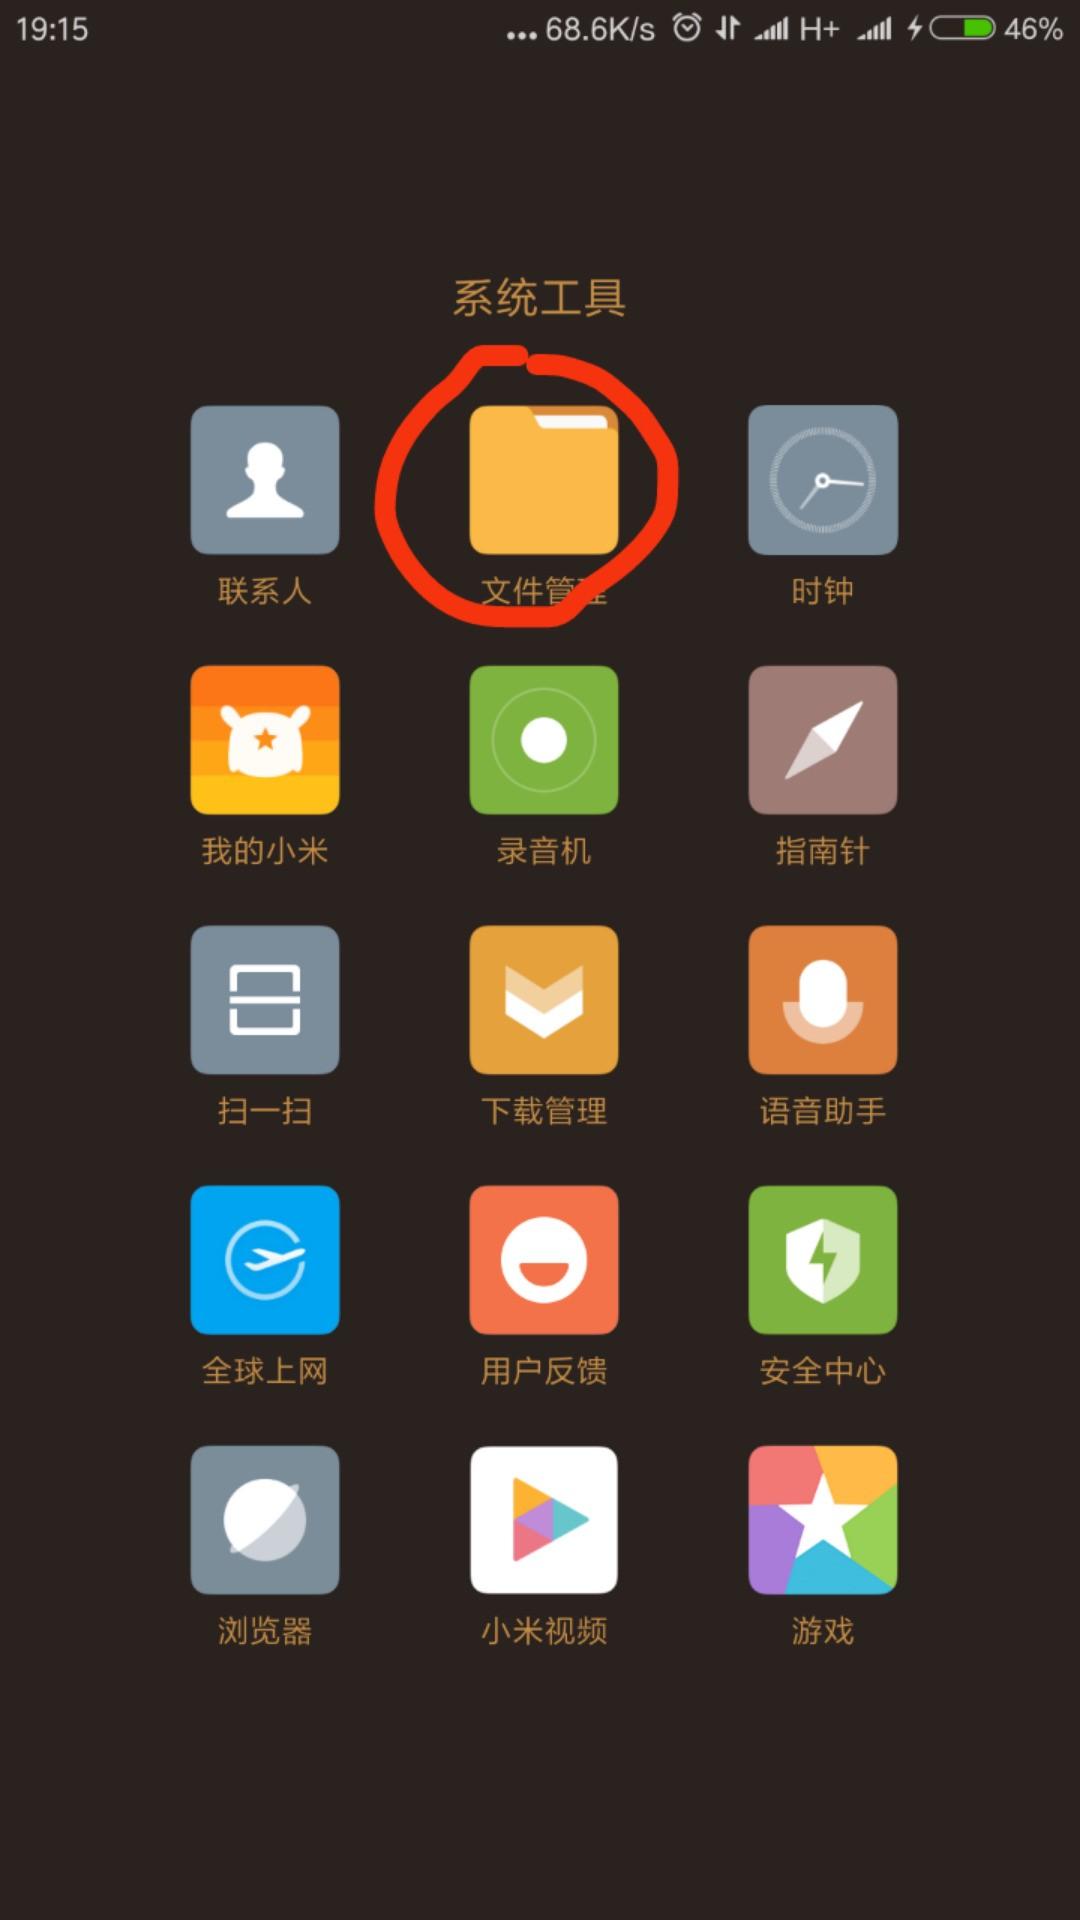 小米手机存储空间不足,怎么将文件移到sd卡上?